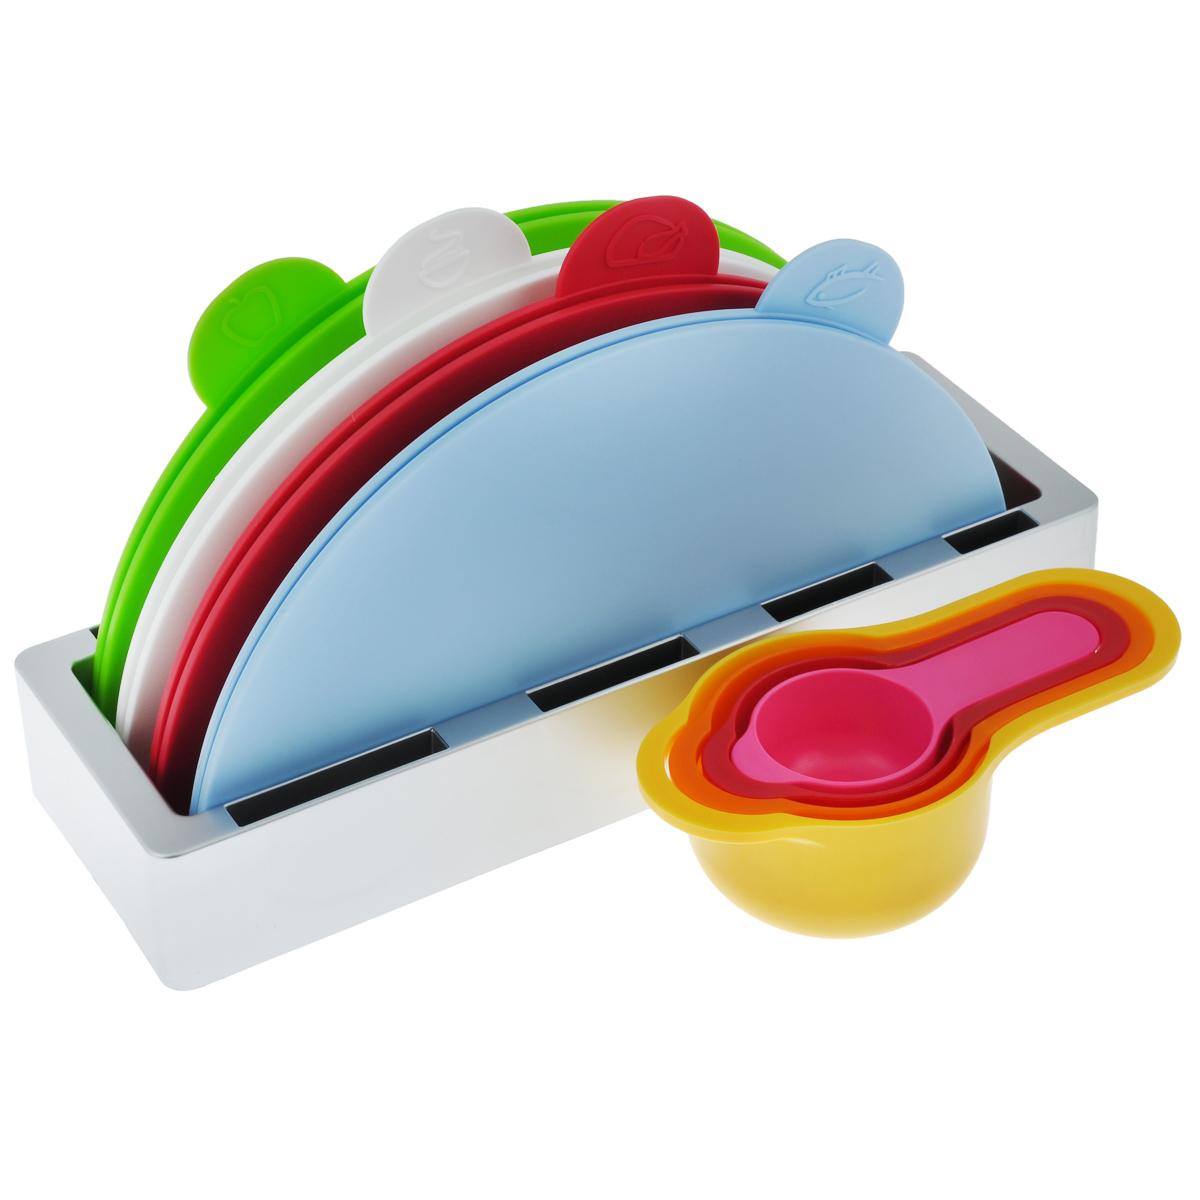 Набор разделочных досок Bradex Восход, 9 предметовTK 0154Набор Bradex Восход, выполненный из пищевого пластика и металла, состоит из четырех круглых раскладных разделочных досок, помещенных в подставку и четырех мерных емкостей. Это делает набор не только многофункциональным, но и очень удобным для хранения на кухне. Специальные ярлычки с изображением продуктов подскажут, для чего предназначена доска: для овощей, для рыбы и морепродуктов или для мяса. Каждой женщине хочется, чтобы на ее кухне все было аккуратно, компактно, функционально и стильно. Набор Bradex Восход удовлетворяет всем требованиям! Вы по достоинству оцените яркий и эргономичный дизайн, функциональность и удобство. Можно мыть в посудомоечной машине. Диаметр доски: 28 см.Размер доски в сложенном виде: 14 см х 28 см.Размер подставки (ДхШхВ): 32 см х 11 см х 5 см.Объем емкостей: 60 мл; 85 мл; 125 мл; 250 мл.